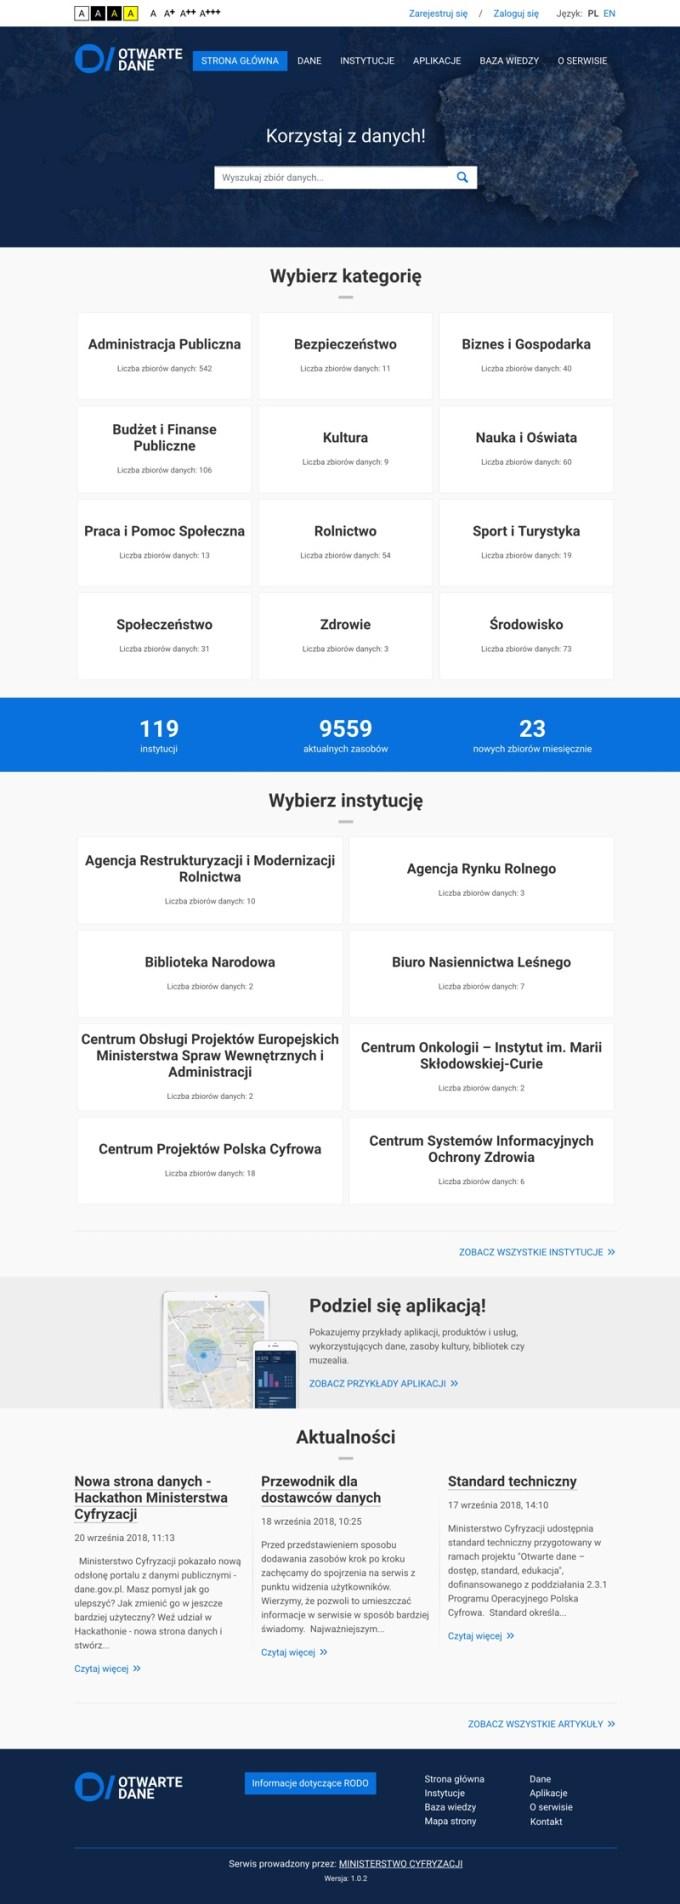 Zrzut ekranu strony głównej dane.gov.pl